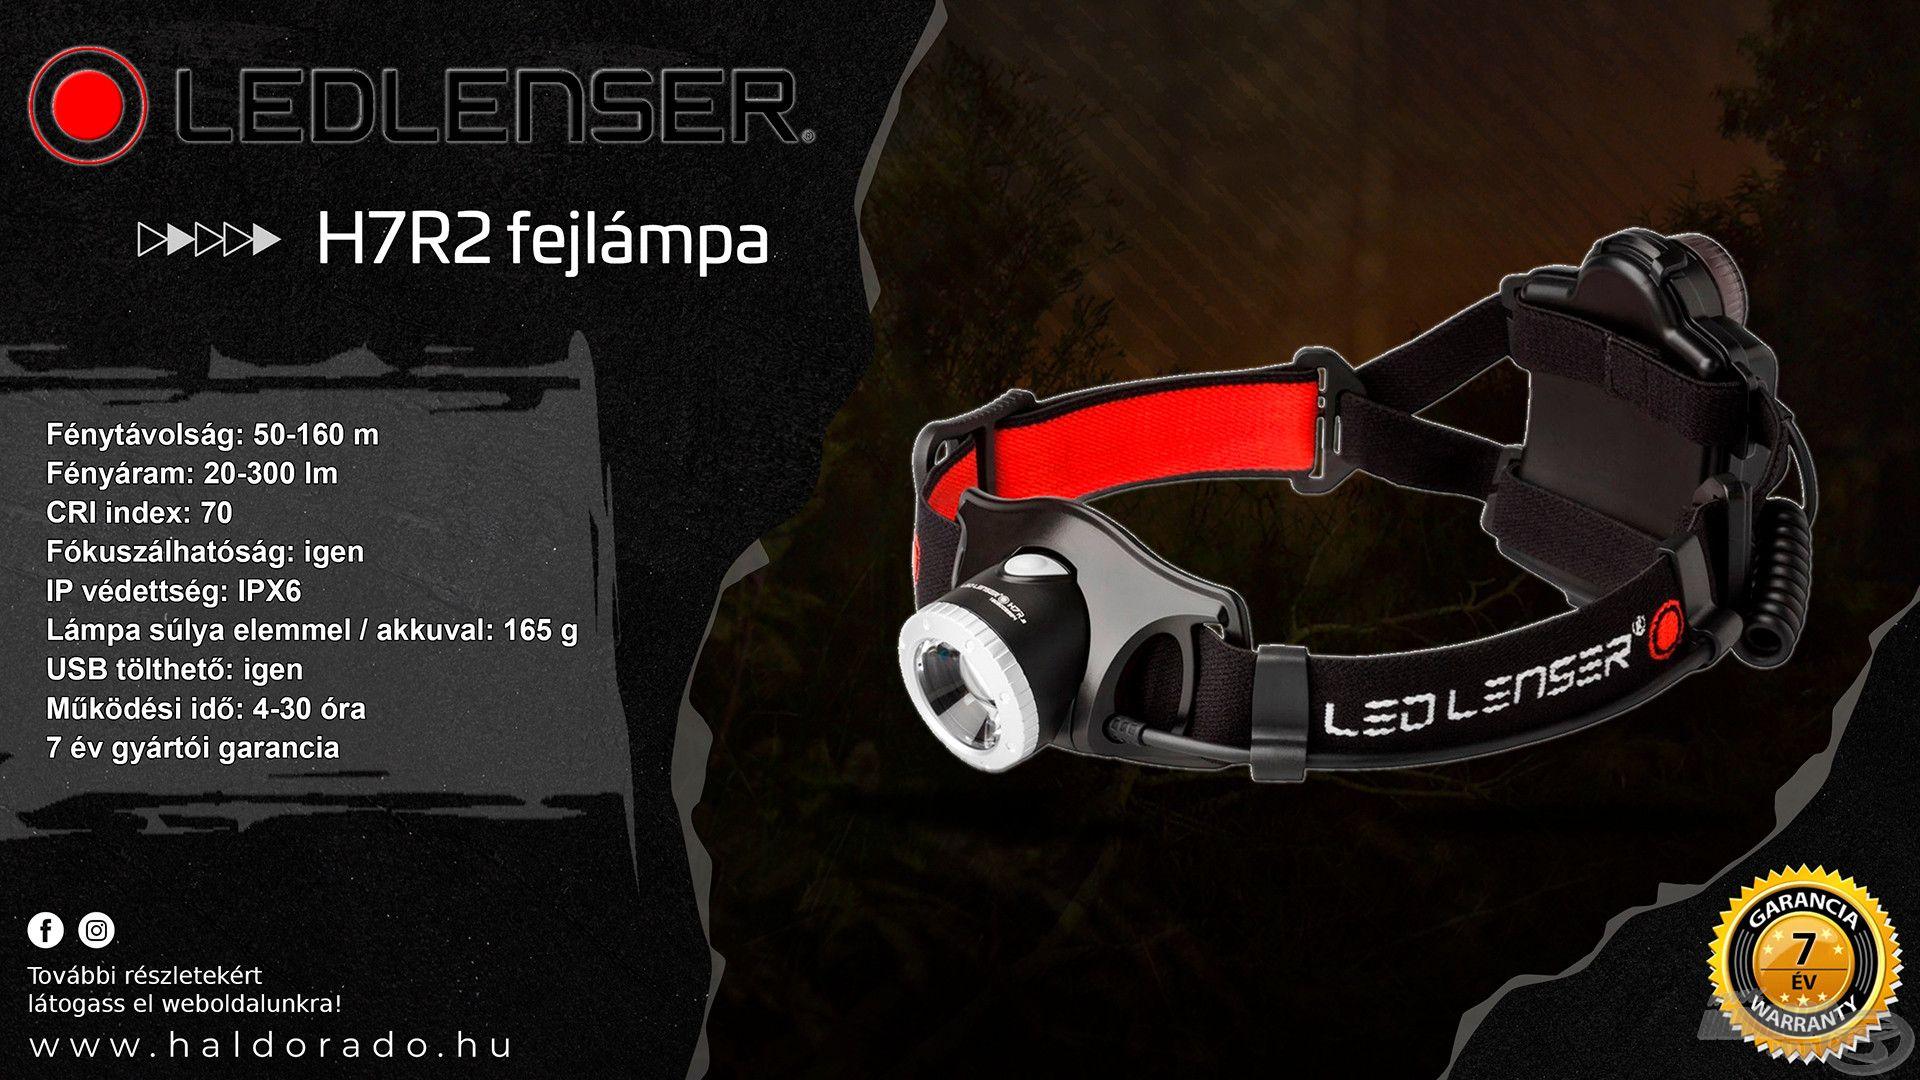 Az aktuális LEDLENSER H7R.2 modell esetében tovább tökéletesítették a már jól bevált funkciókat és a legmodernebb technológiával, valamint gyakorlati hasznú kényelmi jellemzőkkel egészítették ki